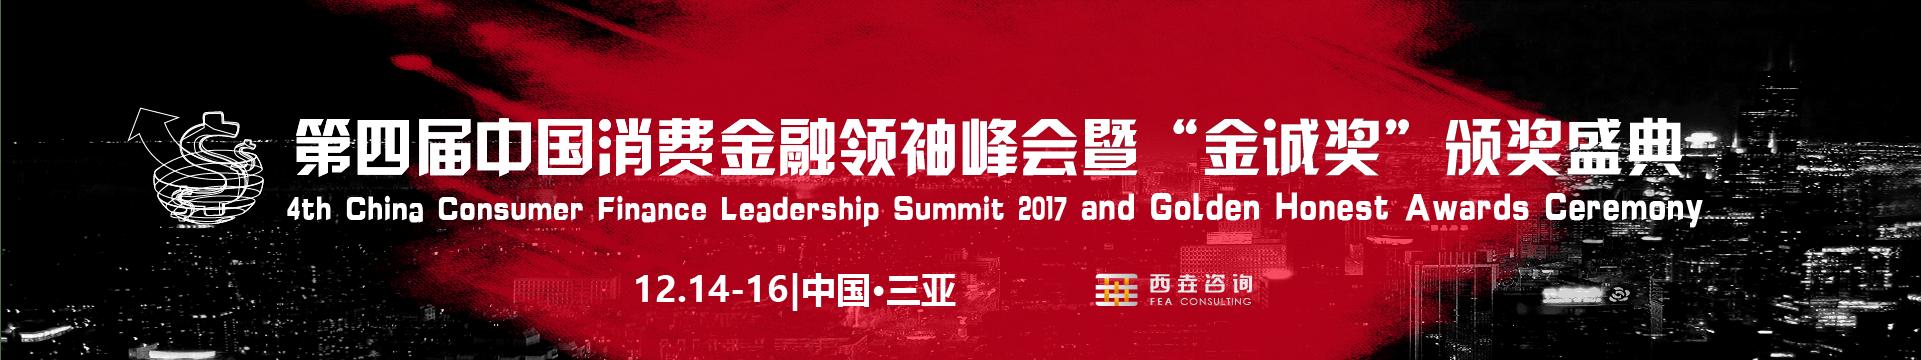 """2017第四届中国消费金融领袖峰会暨""""金诚奖""""颁奖典礼"""